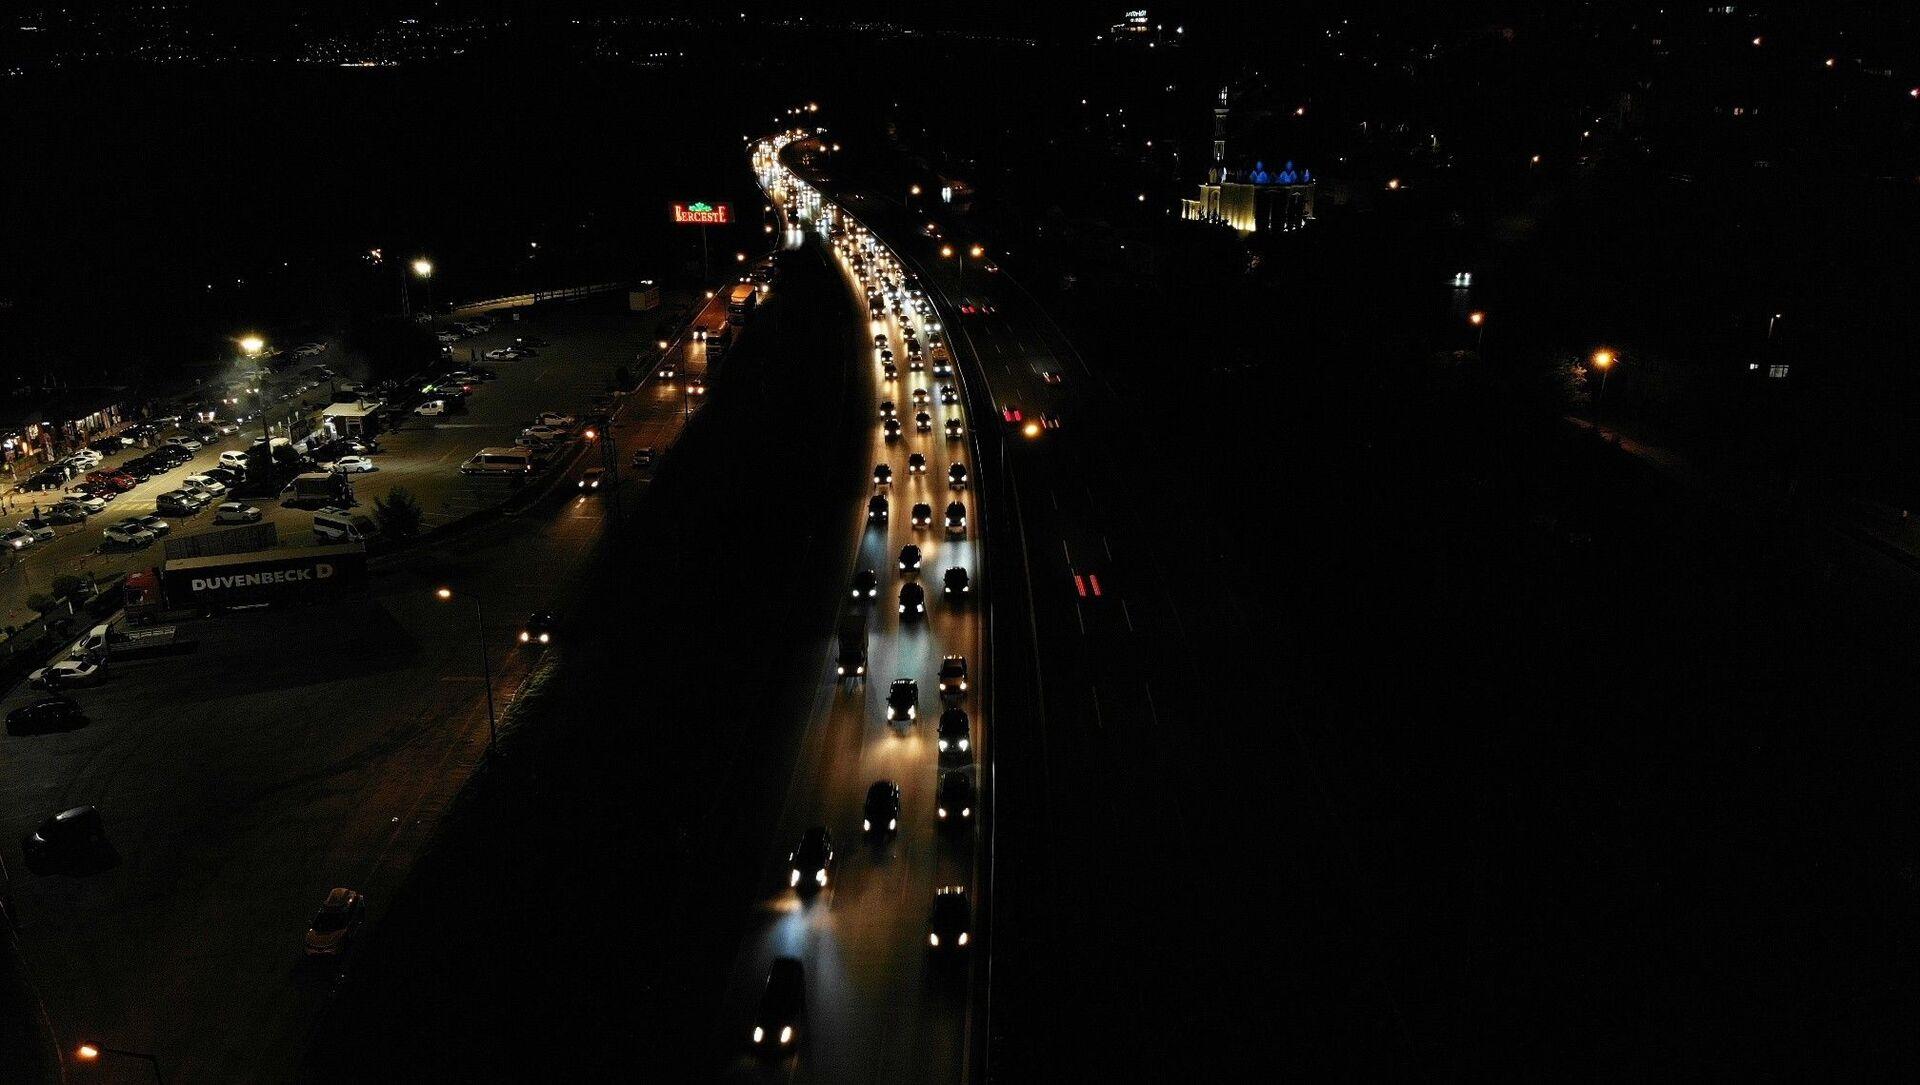 KurbanBayramı'nın son gününde vatandaşlar geri dönüşlere başlarken TEM Otoyolu Sakarya geçişinde yoğunluk yaşandı. - Sputnik Türkiye, 1920, 24.07.2021